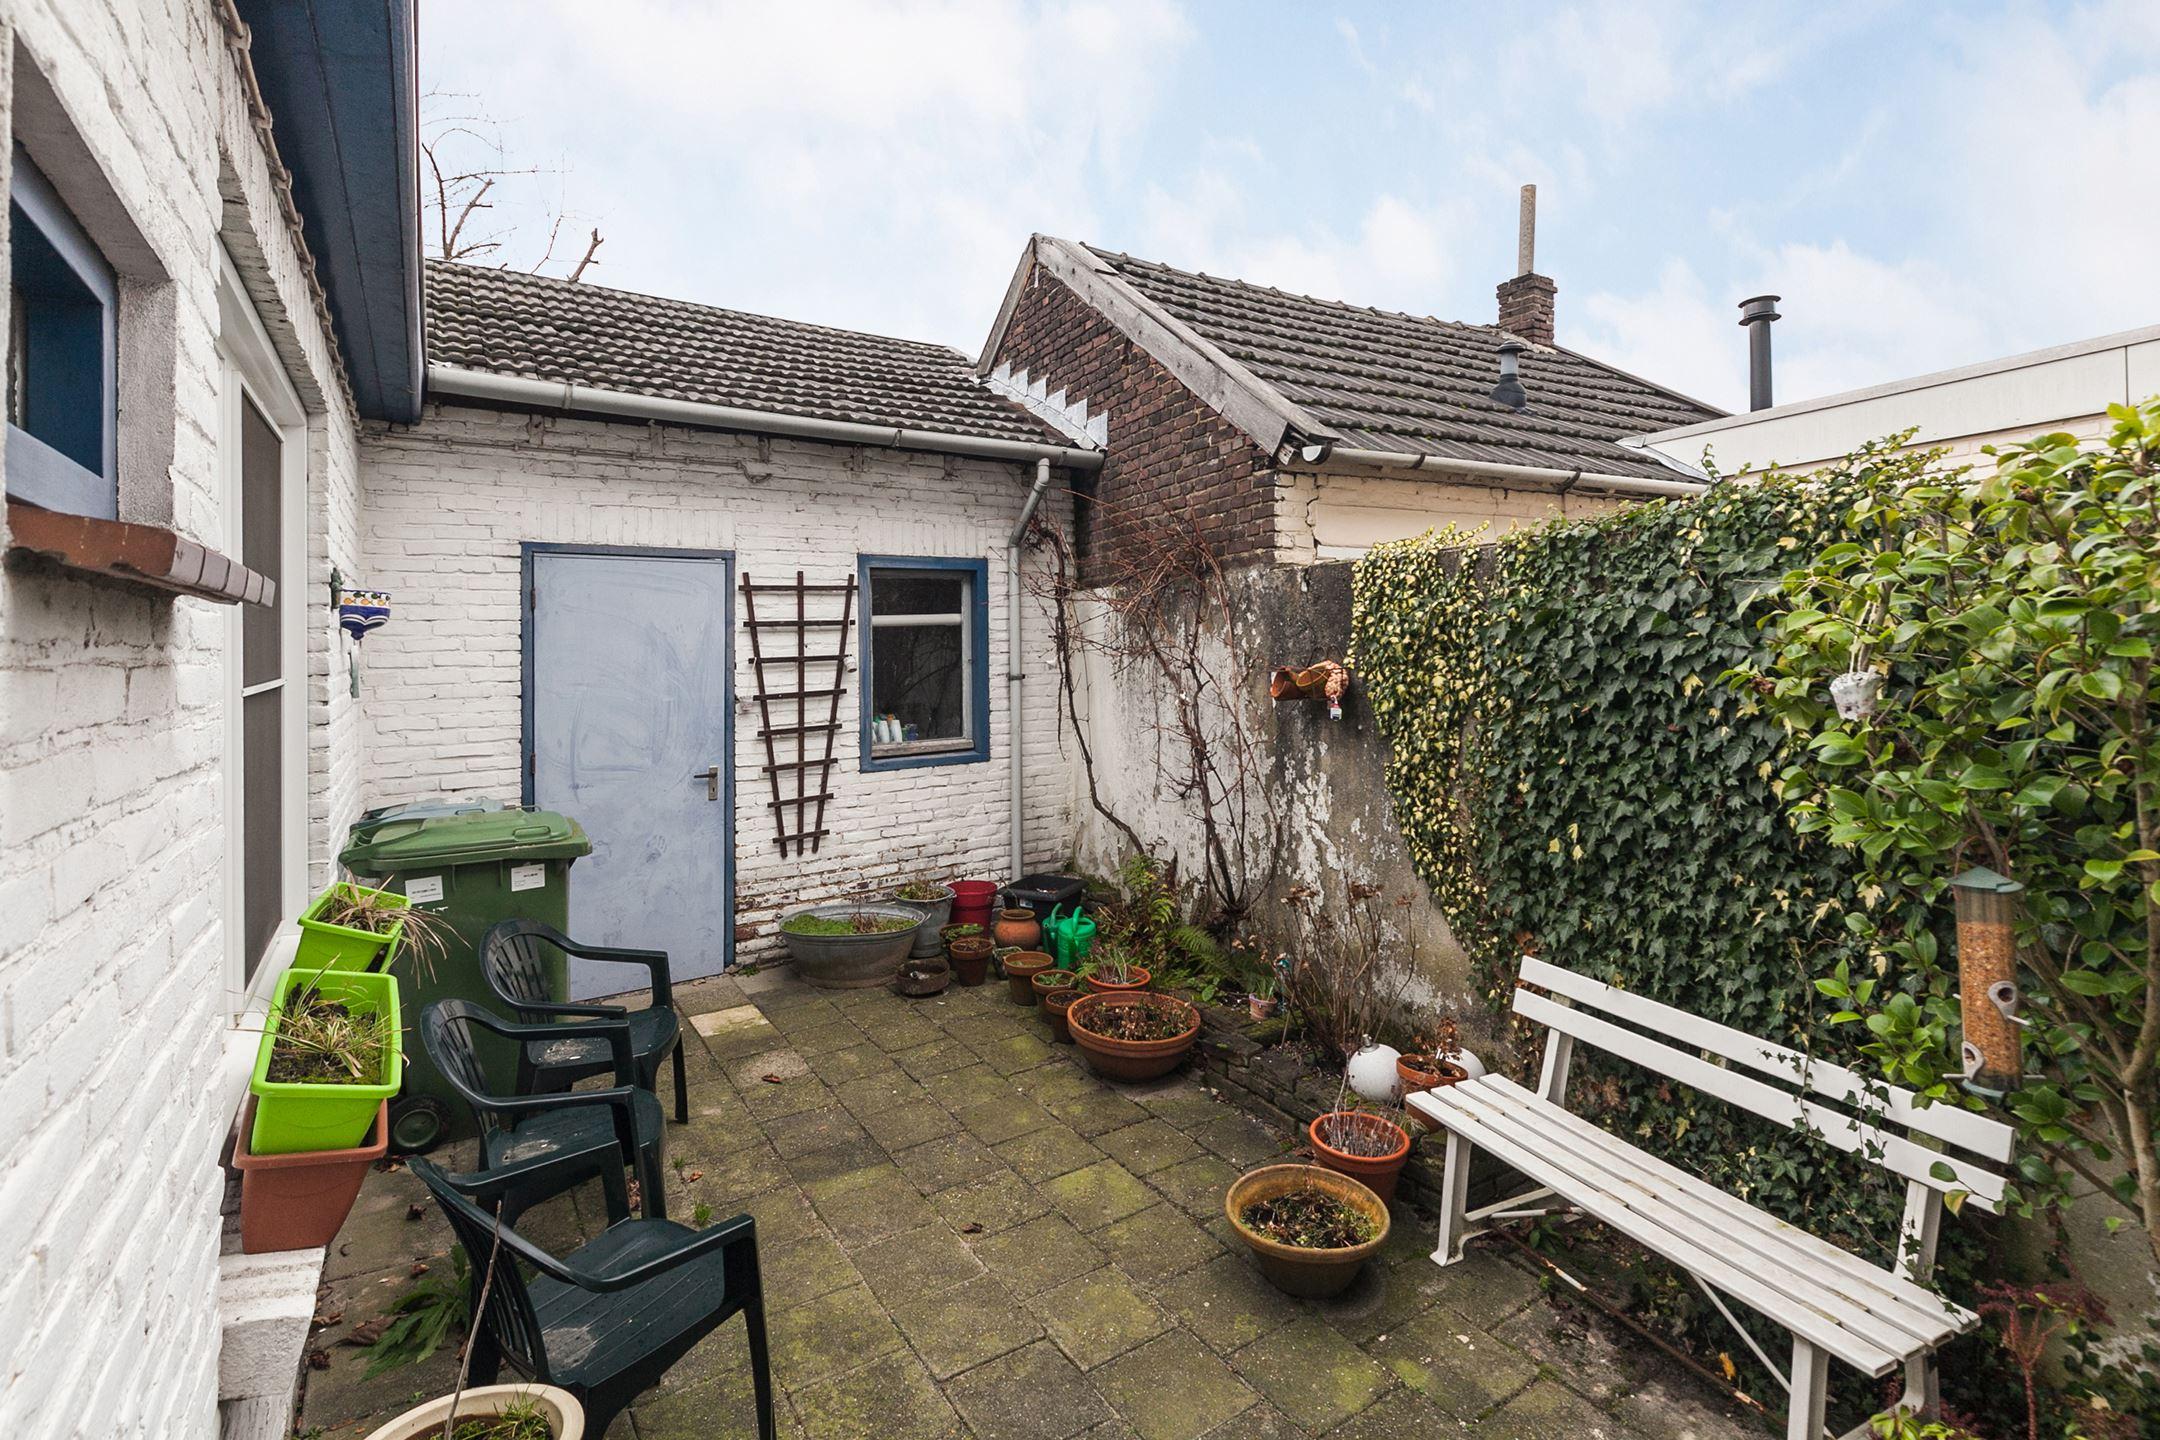 Huis te koop op de heugden 47 6371 xk landgraaf funda for Mijn huis op funda